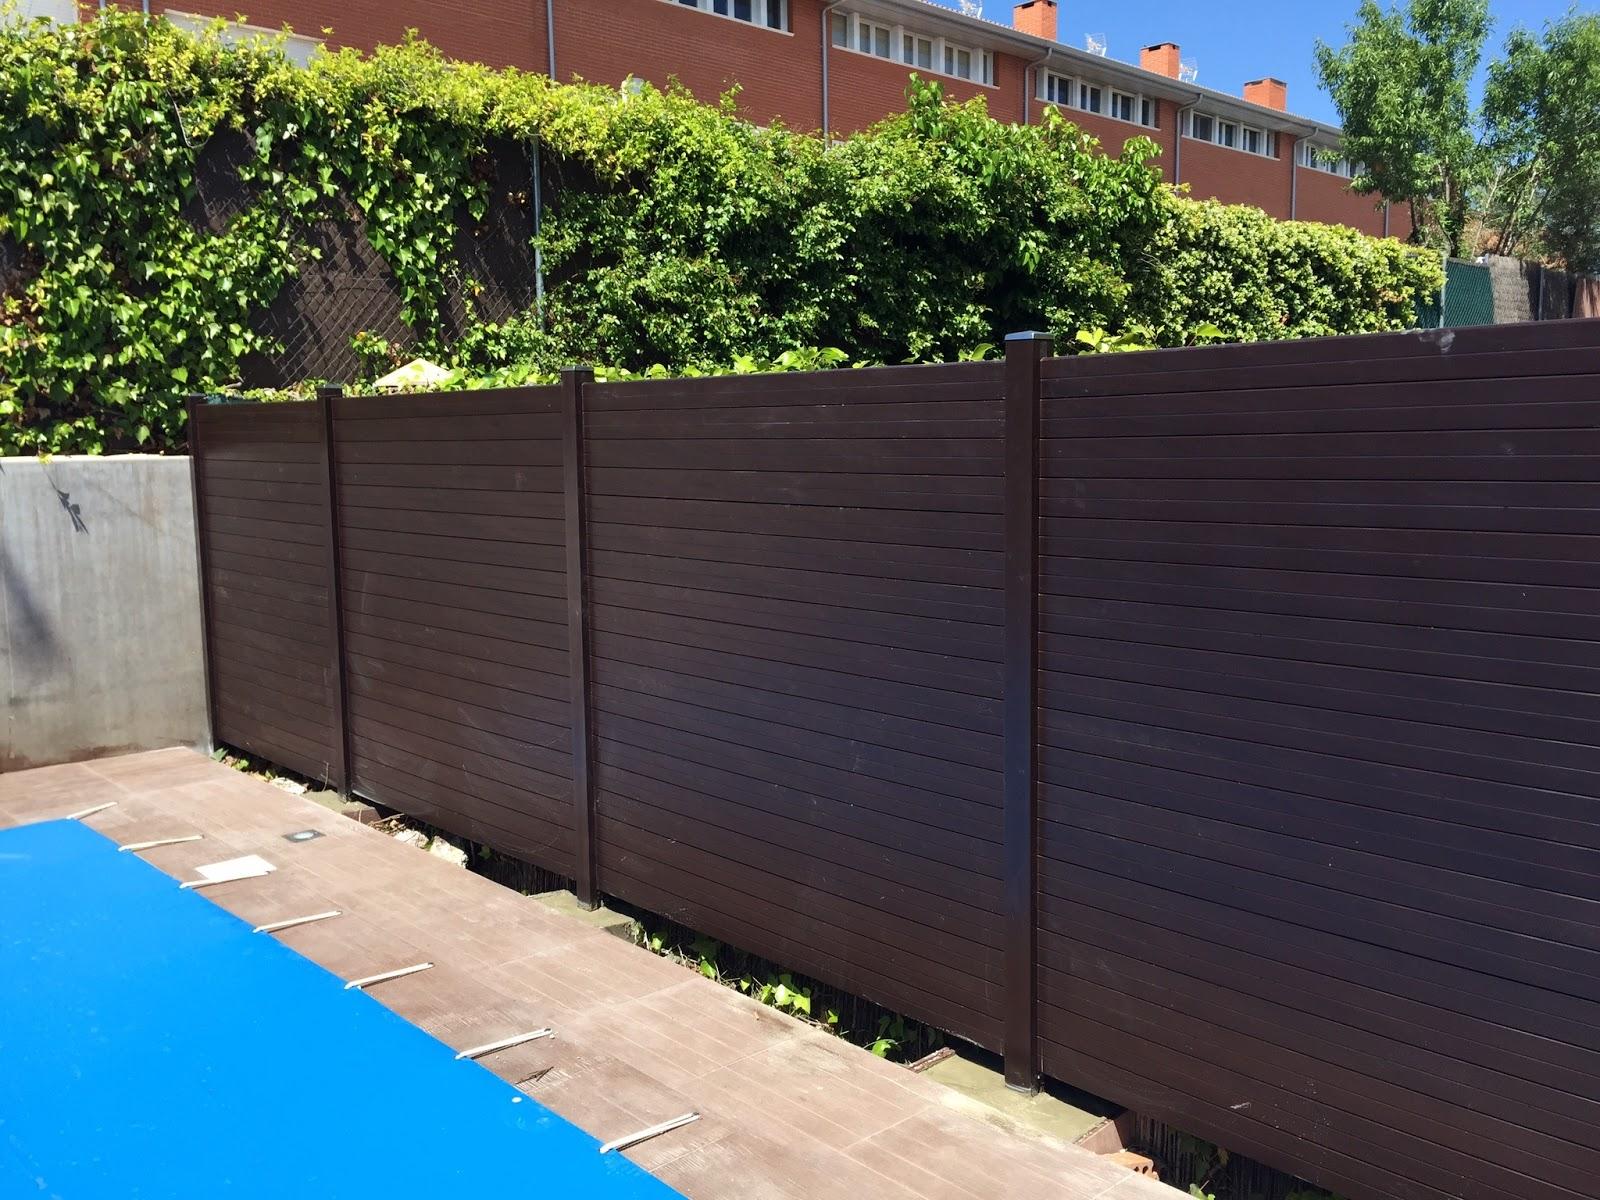 Deckplanet blog todo sobre tarima exterior y revestimientos - Vallas de pvc para jardin ...